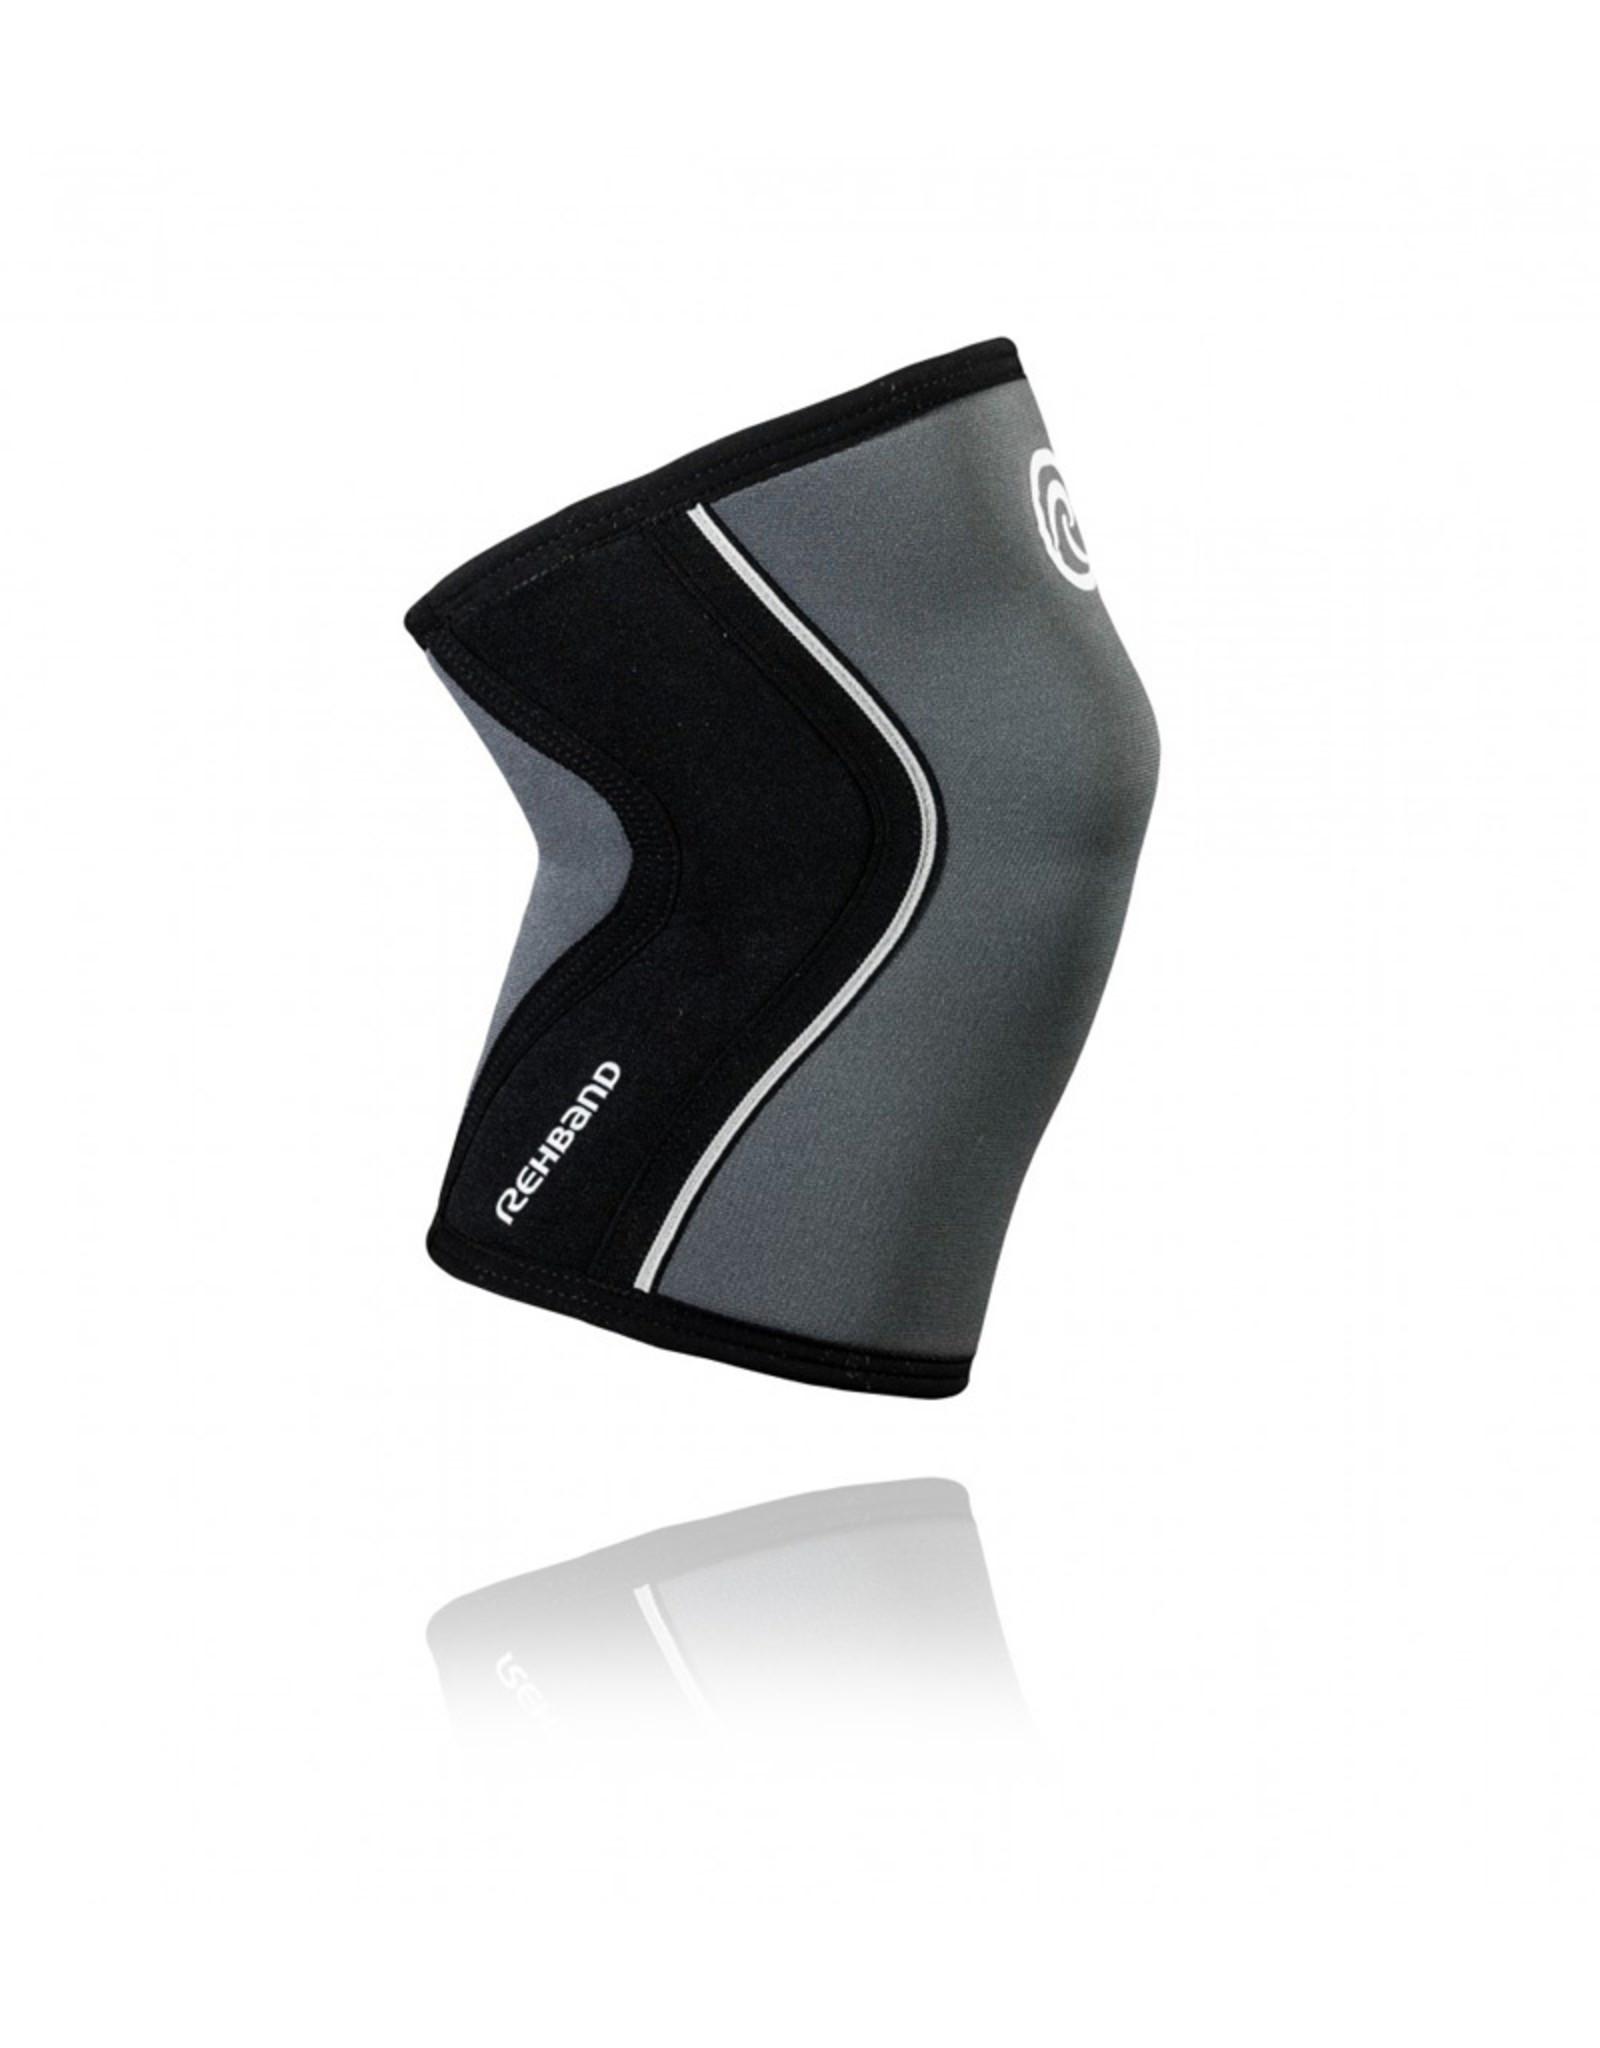 Rehband Rx Knee Sleeve 7Mm Genouillere - Gris